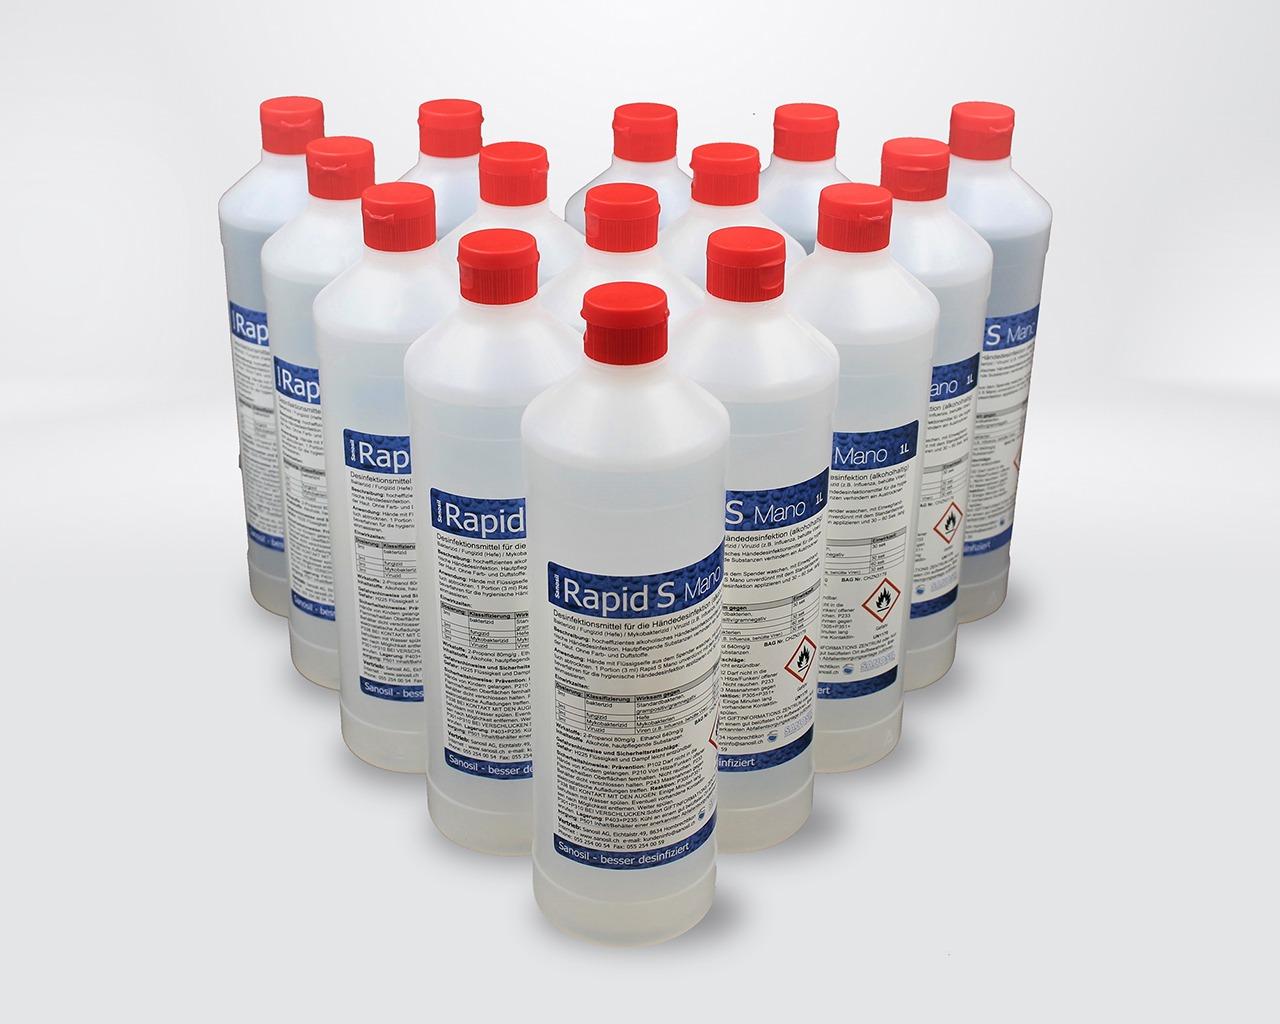 RapidS Mano Universalflasche 15x1L